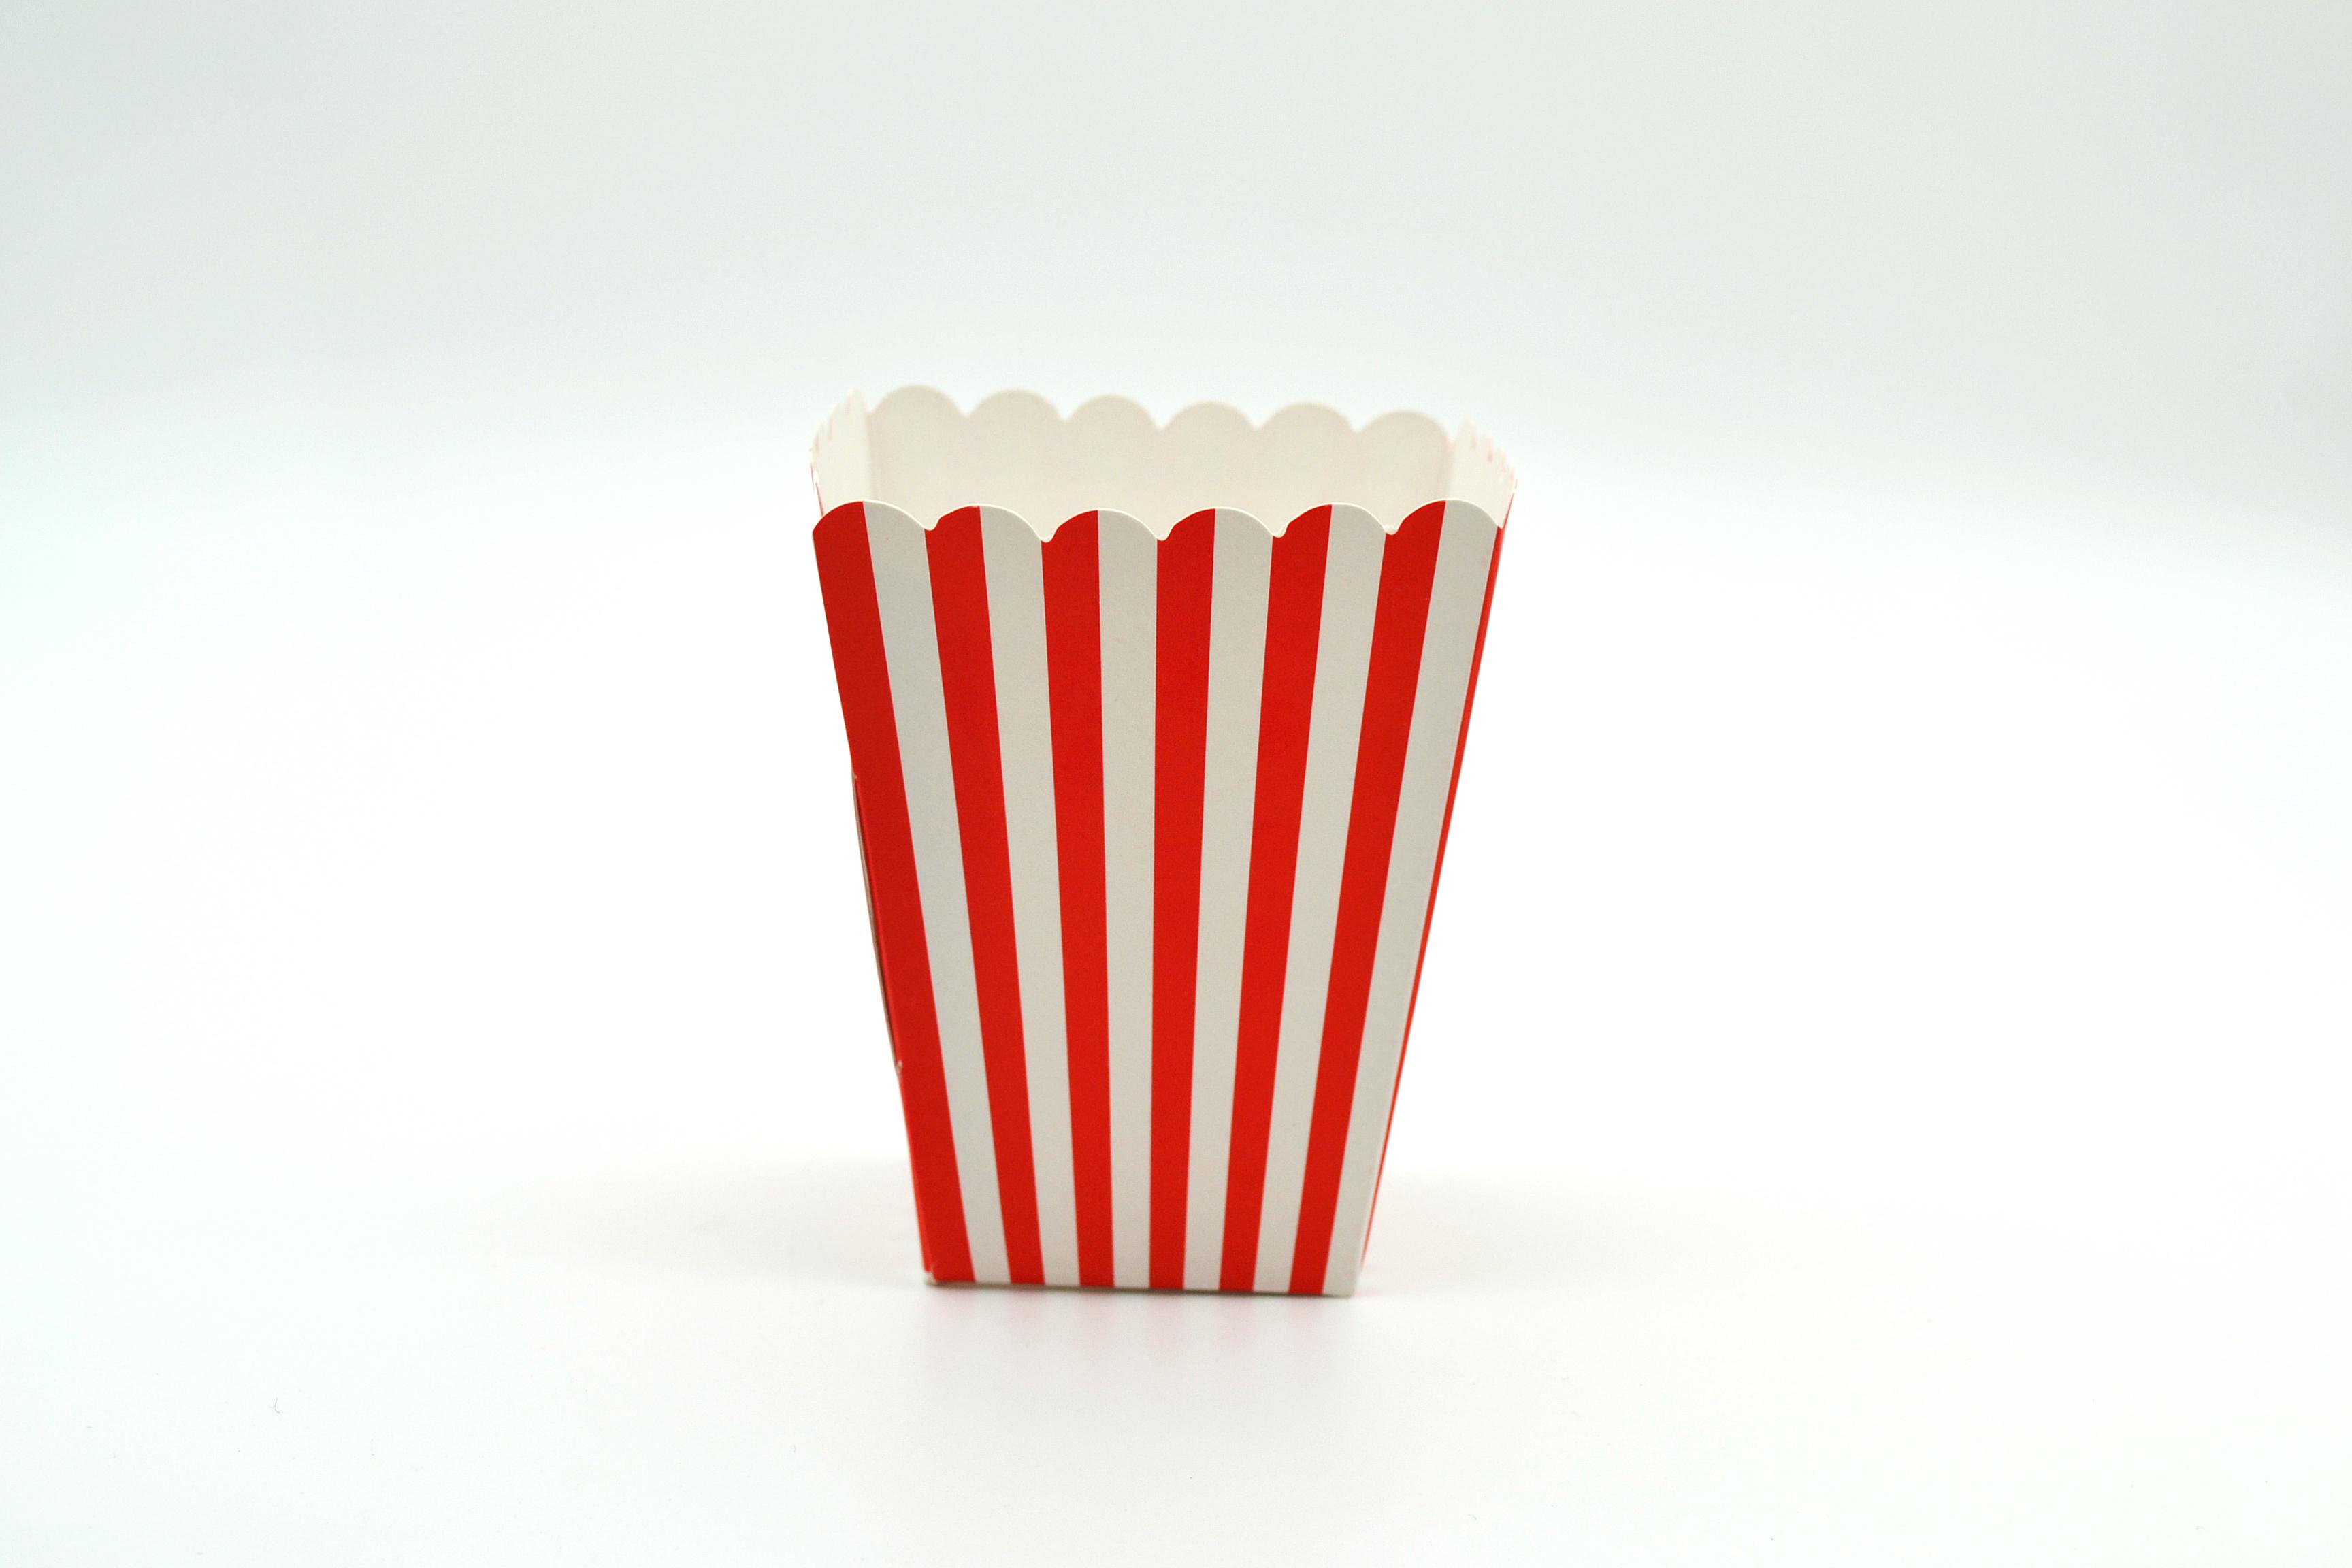 Box Popcorn Mini Red 5 x 5 x 10 cm (each) POP